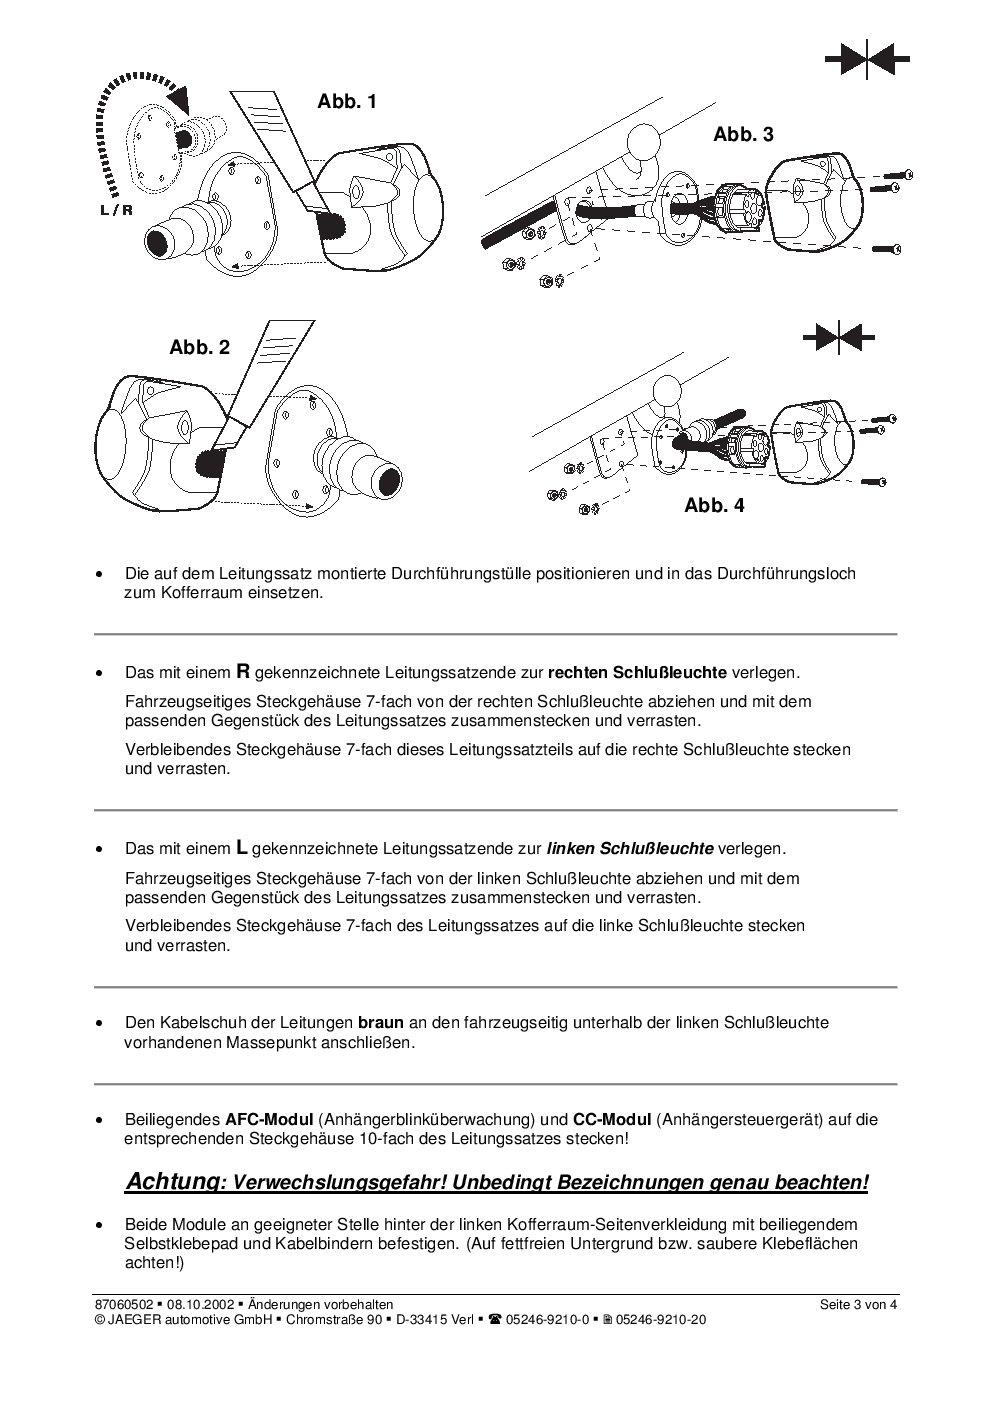 Umbra Ford Mondeo fliess Trasero 2000 - 2007 AHK Remolque Desmontable con 7p Índice Fischer S Juego de ut140 C or73zcm/ws12060500de2: Amazon.es: Coche y ...